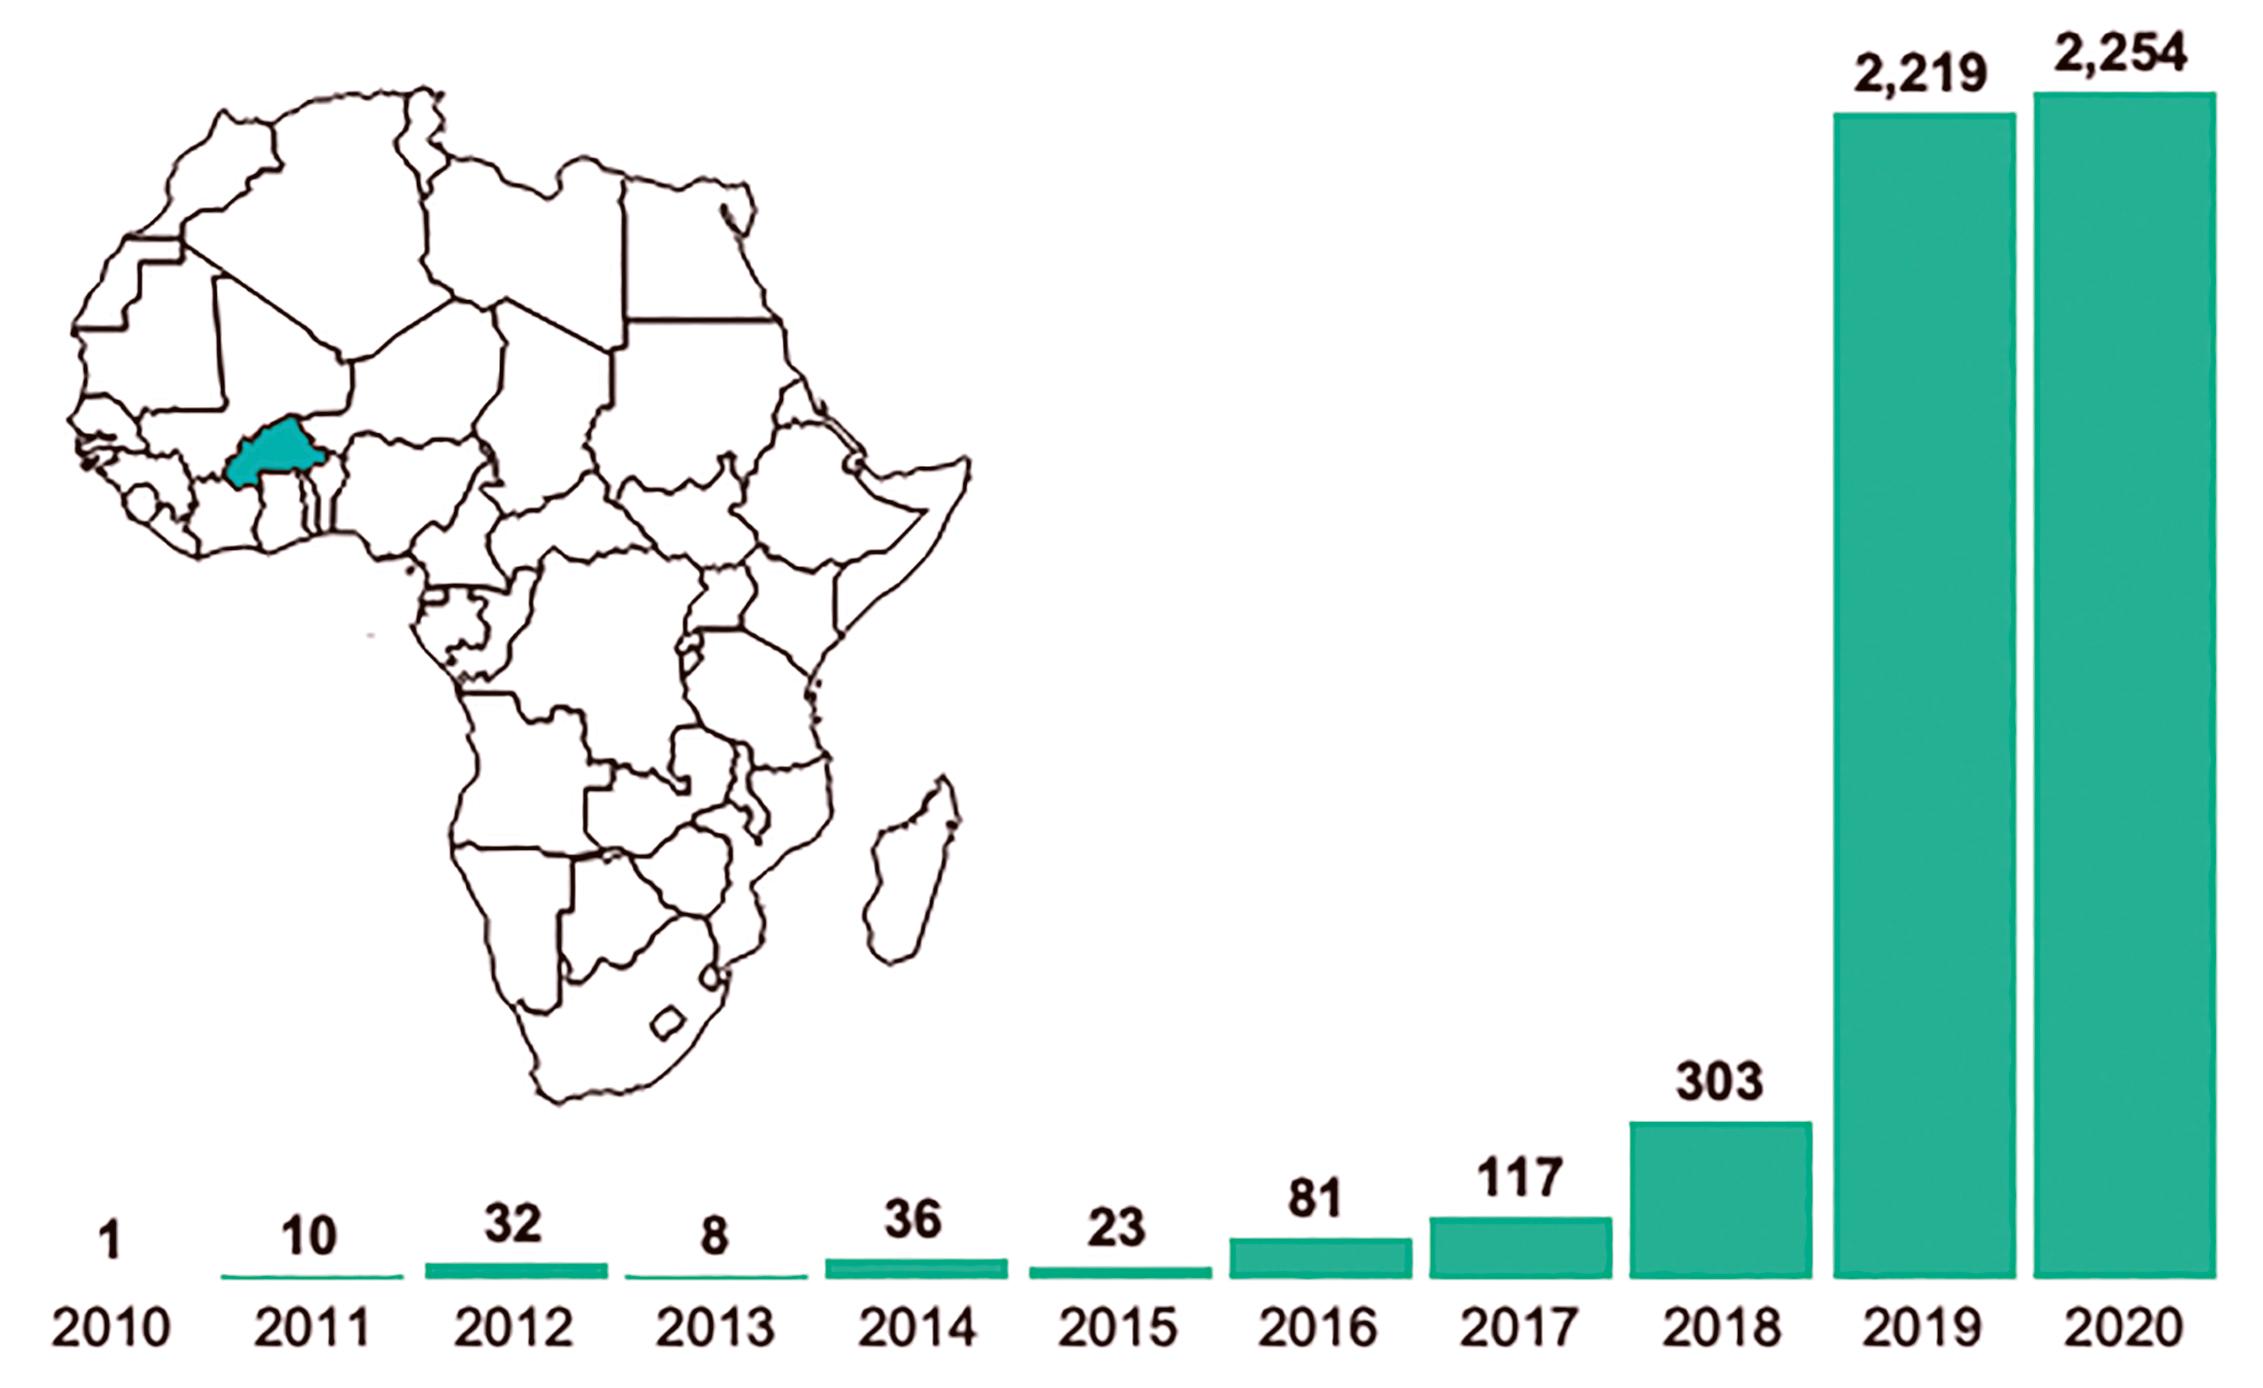 Gemeldete Todesopfer in Burkina Faso nach Jahren, 2010–2017, einschließlich staatlicher und nicht-staatlicher Kämpfer sowie Zivilisten (Datenquelle ACLED; Visualisierung: J. Luengo-Cabrera).